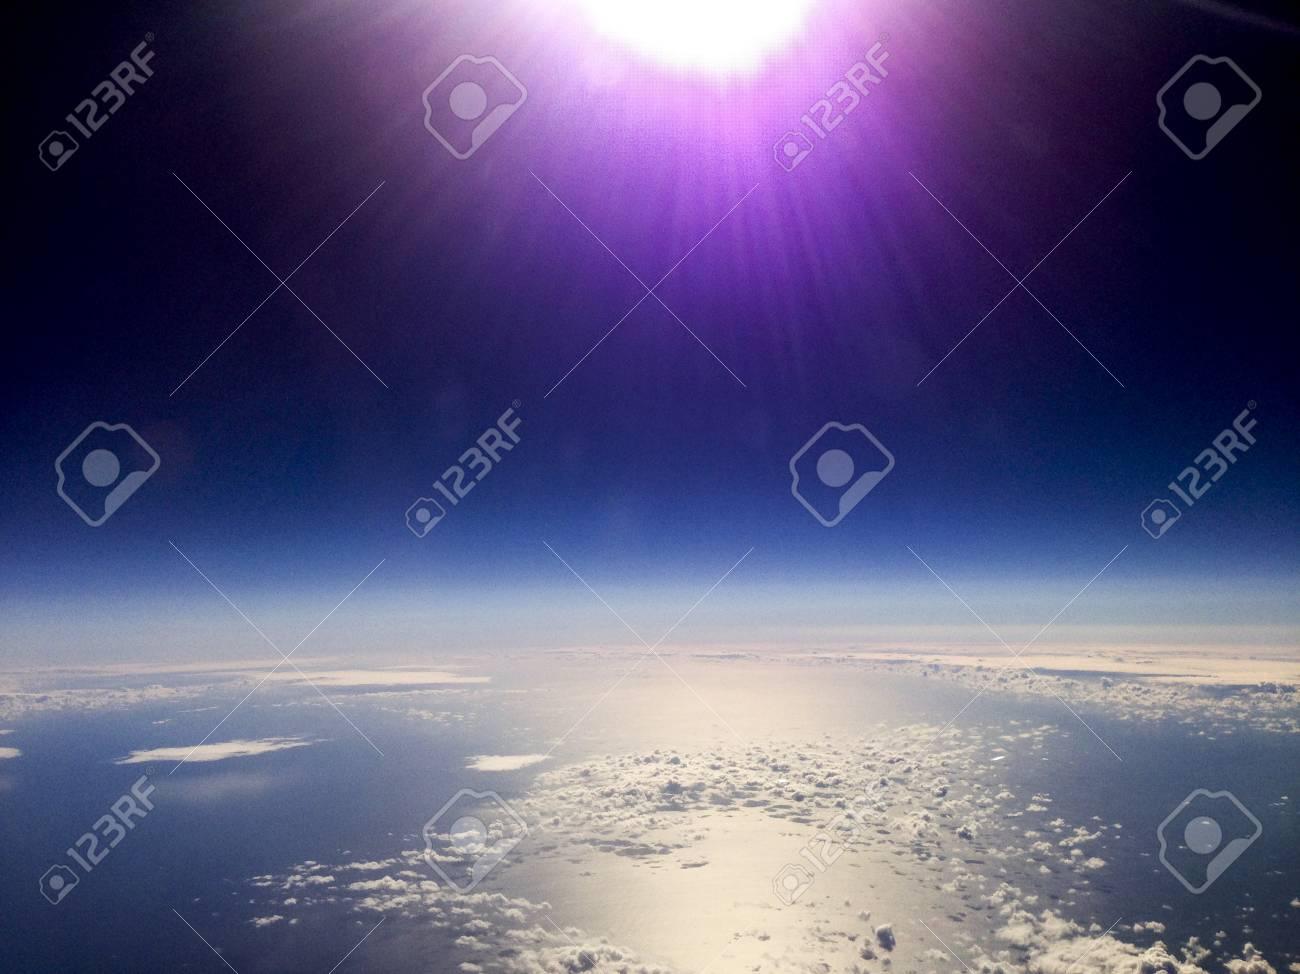 Flug-Flugzeug, Durch Fenster Schießen Lizenzfreie Fotos, Bilder Und ...